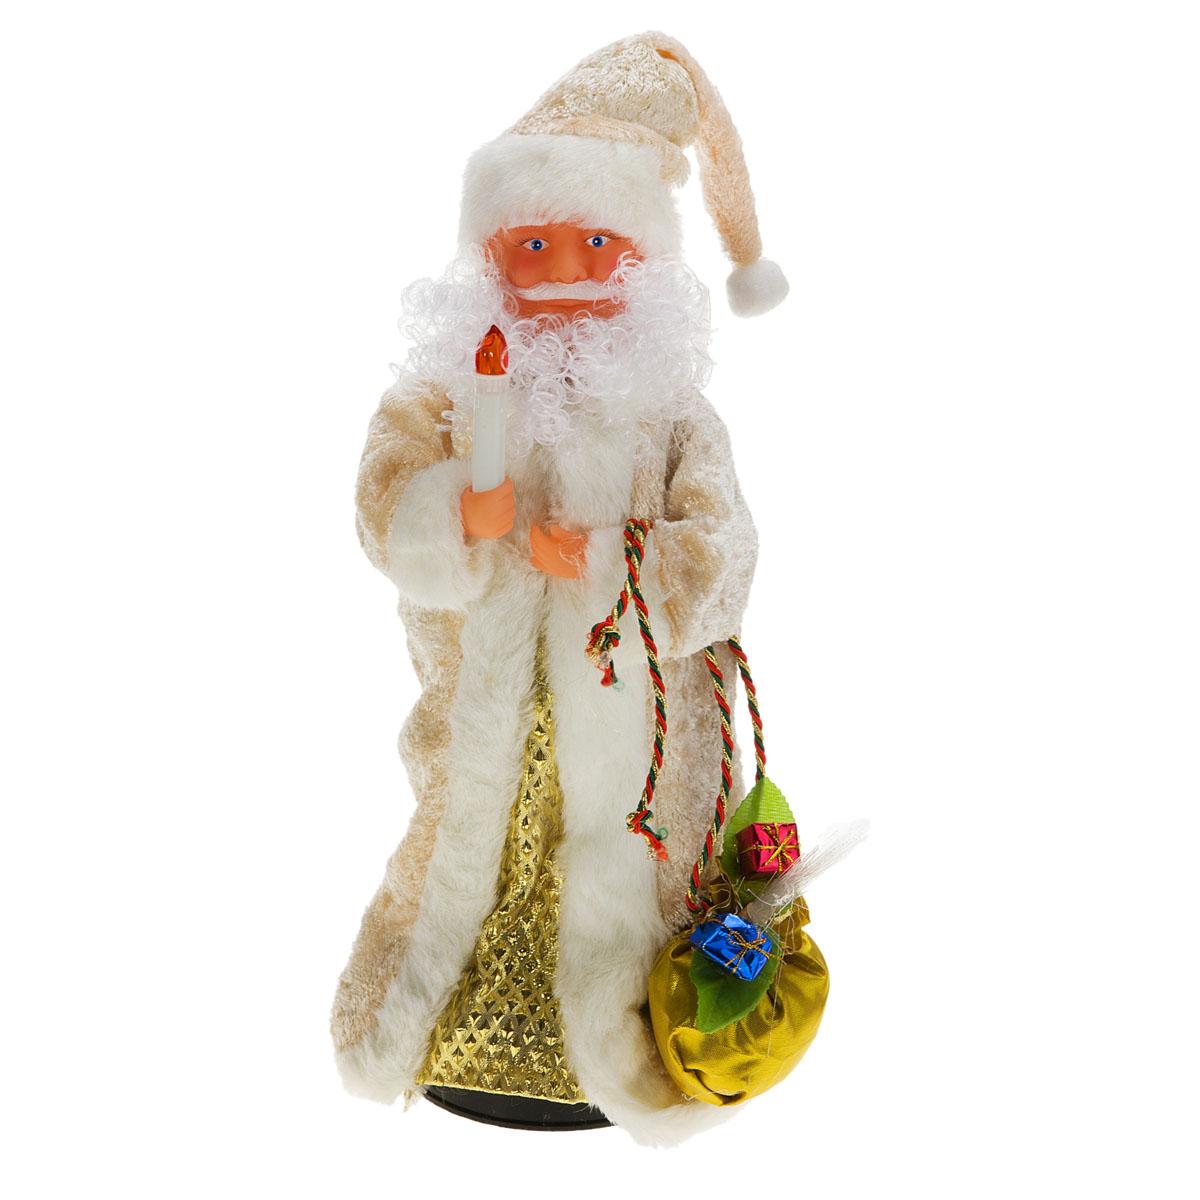 Новогодняя декоративная фигурка Sima-land Дед Мороз, анимированная, высота 38 см. 827810827810Новогодняя декоративная фигурка выполнена из высококачественного пластика в виде Деда Мороза. Дед Мороз одет в шубу с опушкой. На голове колпак в цвет шубы. В одной руке Дед Мороз держит свечку, а в другой мешок с подарками. В мешок встроен светильник на основе световодов из полимерного оптического волокна. Фигурка стоит на подставке. Особенностью фигурки является наличие механизма, при включении которого играет мелодия, свечка и мешок светятся, а голова и руки куклы начинают двигаться. Его добрый вид и очаровательная улыбка притягивают к себе восторженные взгляды. Декоративная фигурка Дед Мороз подойдет для оформления новогоднего интерьера и принесет с собой атмосферу радости и веселья. УВАЖАЕМЫЕ КЛИЕНТЫ! Обращаем ваше внимание на тот факт, что декоративная фигурка работает от трех батареек типа АА/R6/AM3 напряжением 1,5V. Батарейки в комплект не входят.